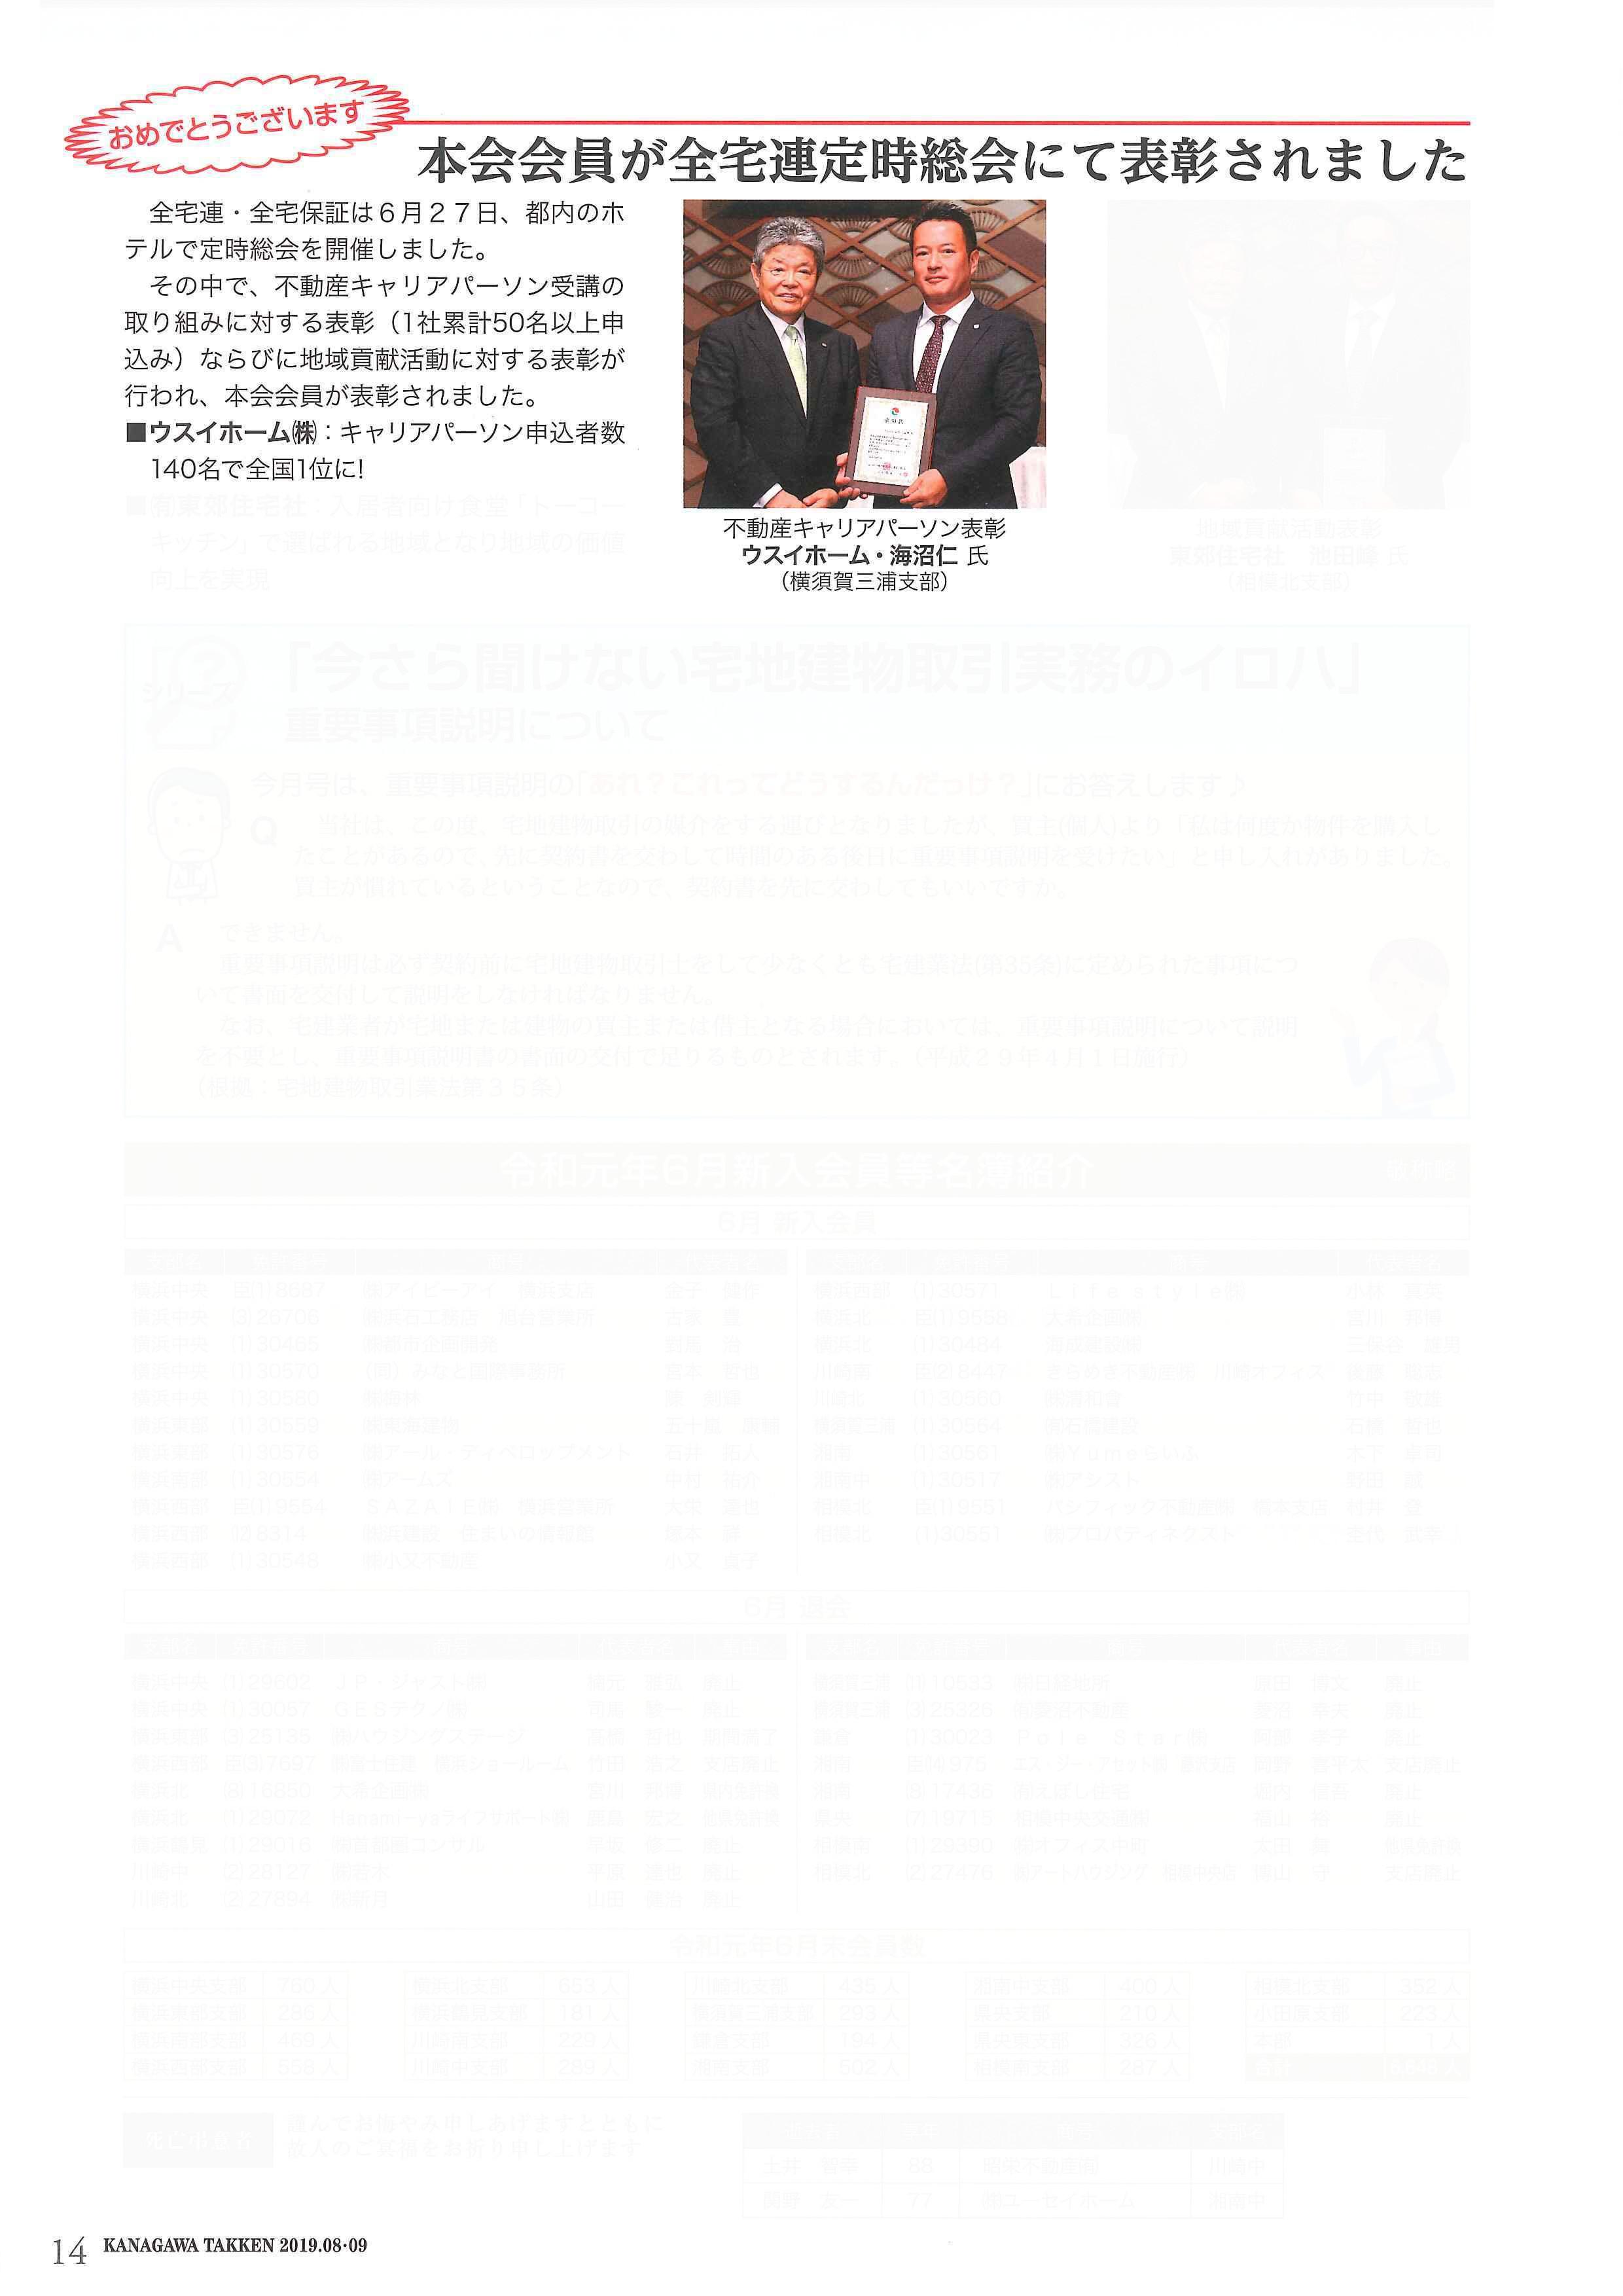 201908-09_宅建ジャーナルかながわ_不動産キャリアパーソン表彰 (1)